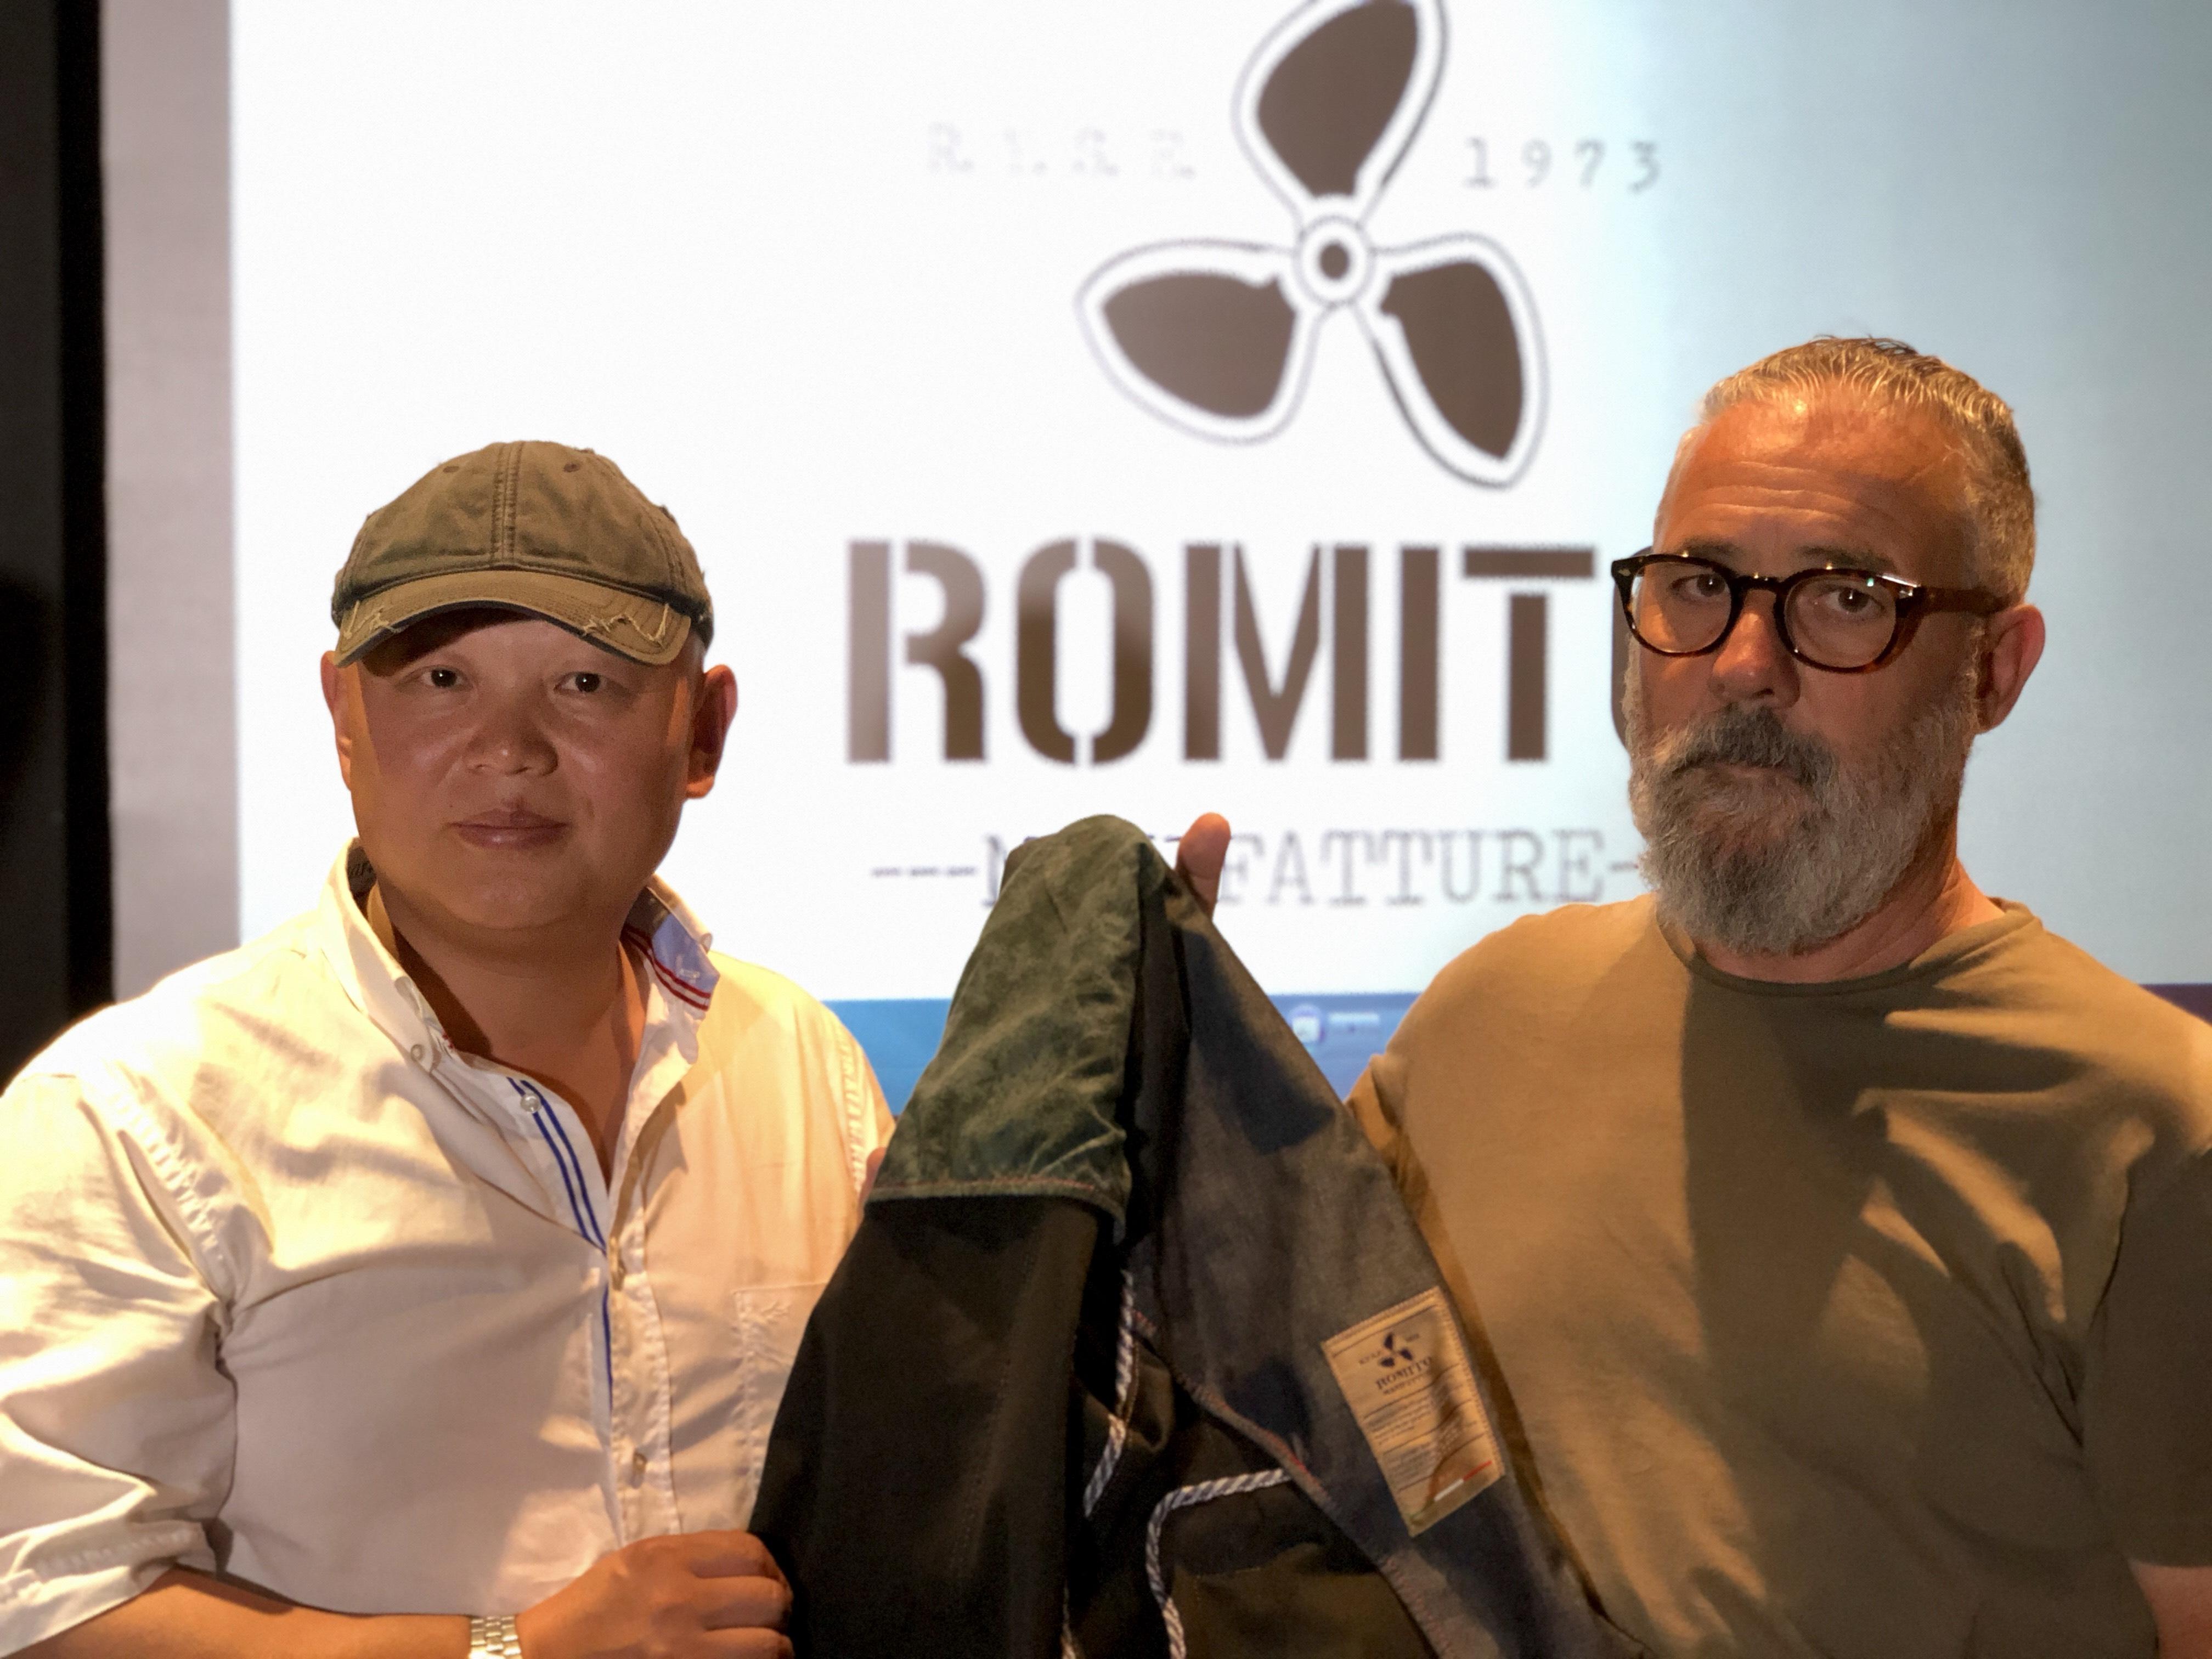 Romito Manifatture anteprima Pitti Immagine giugno 2018